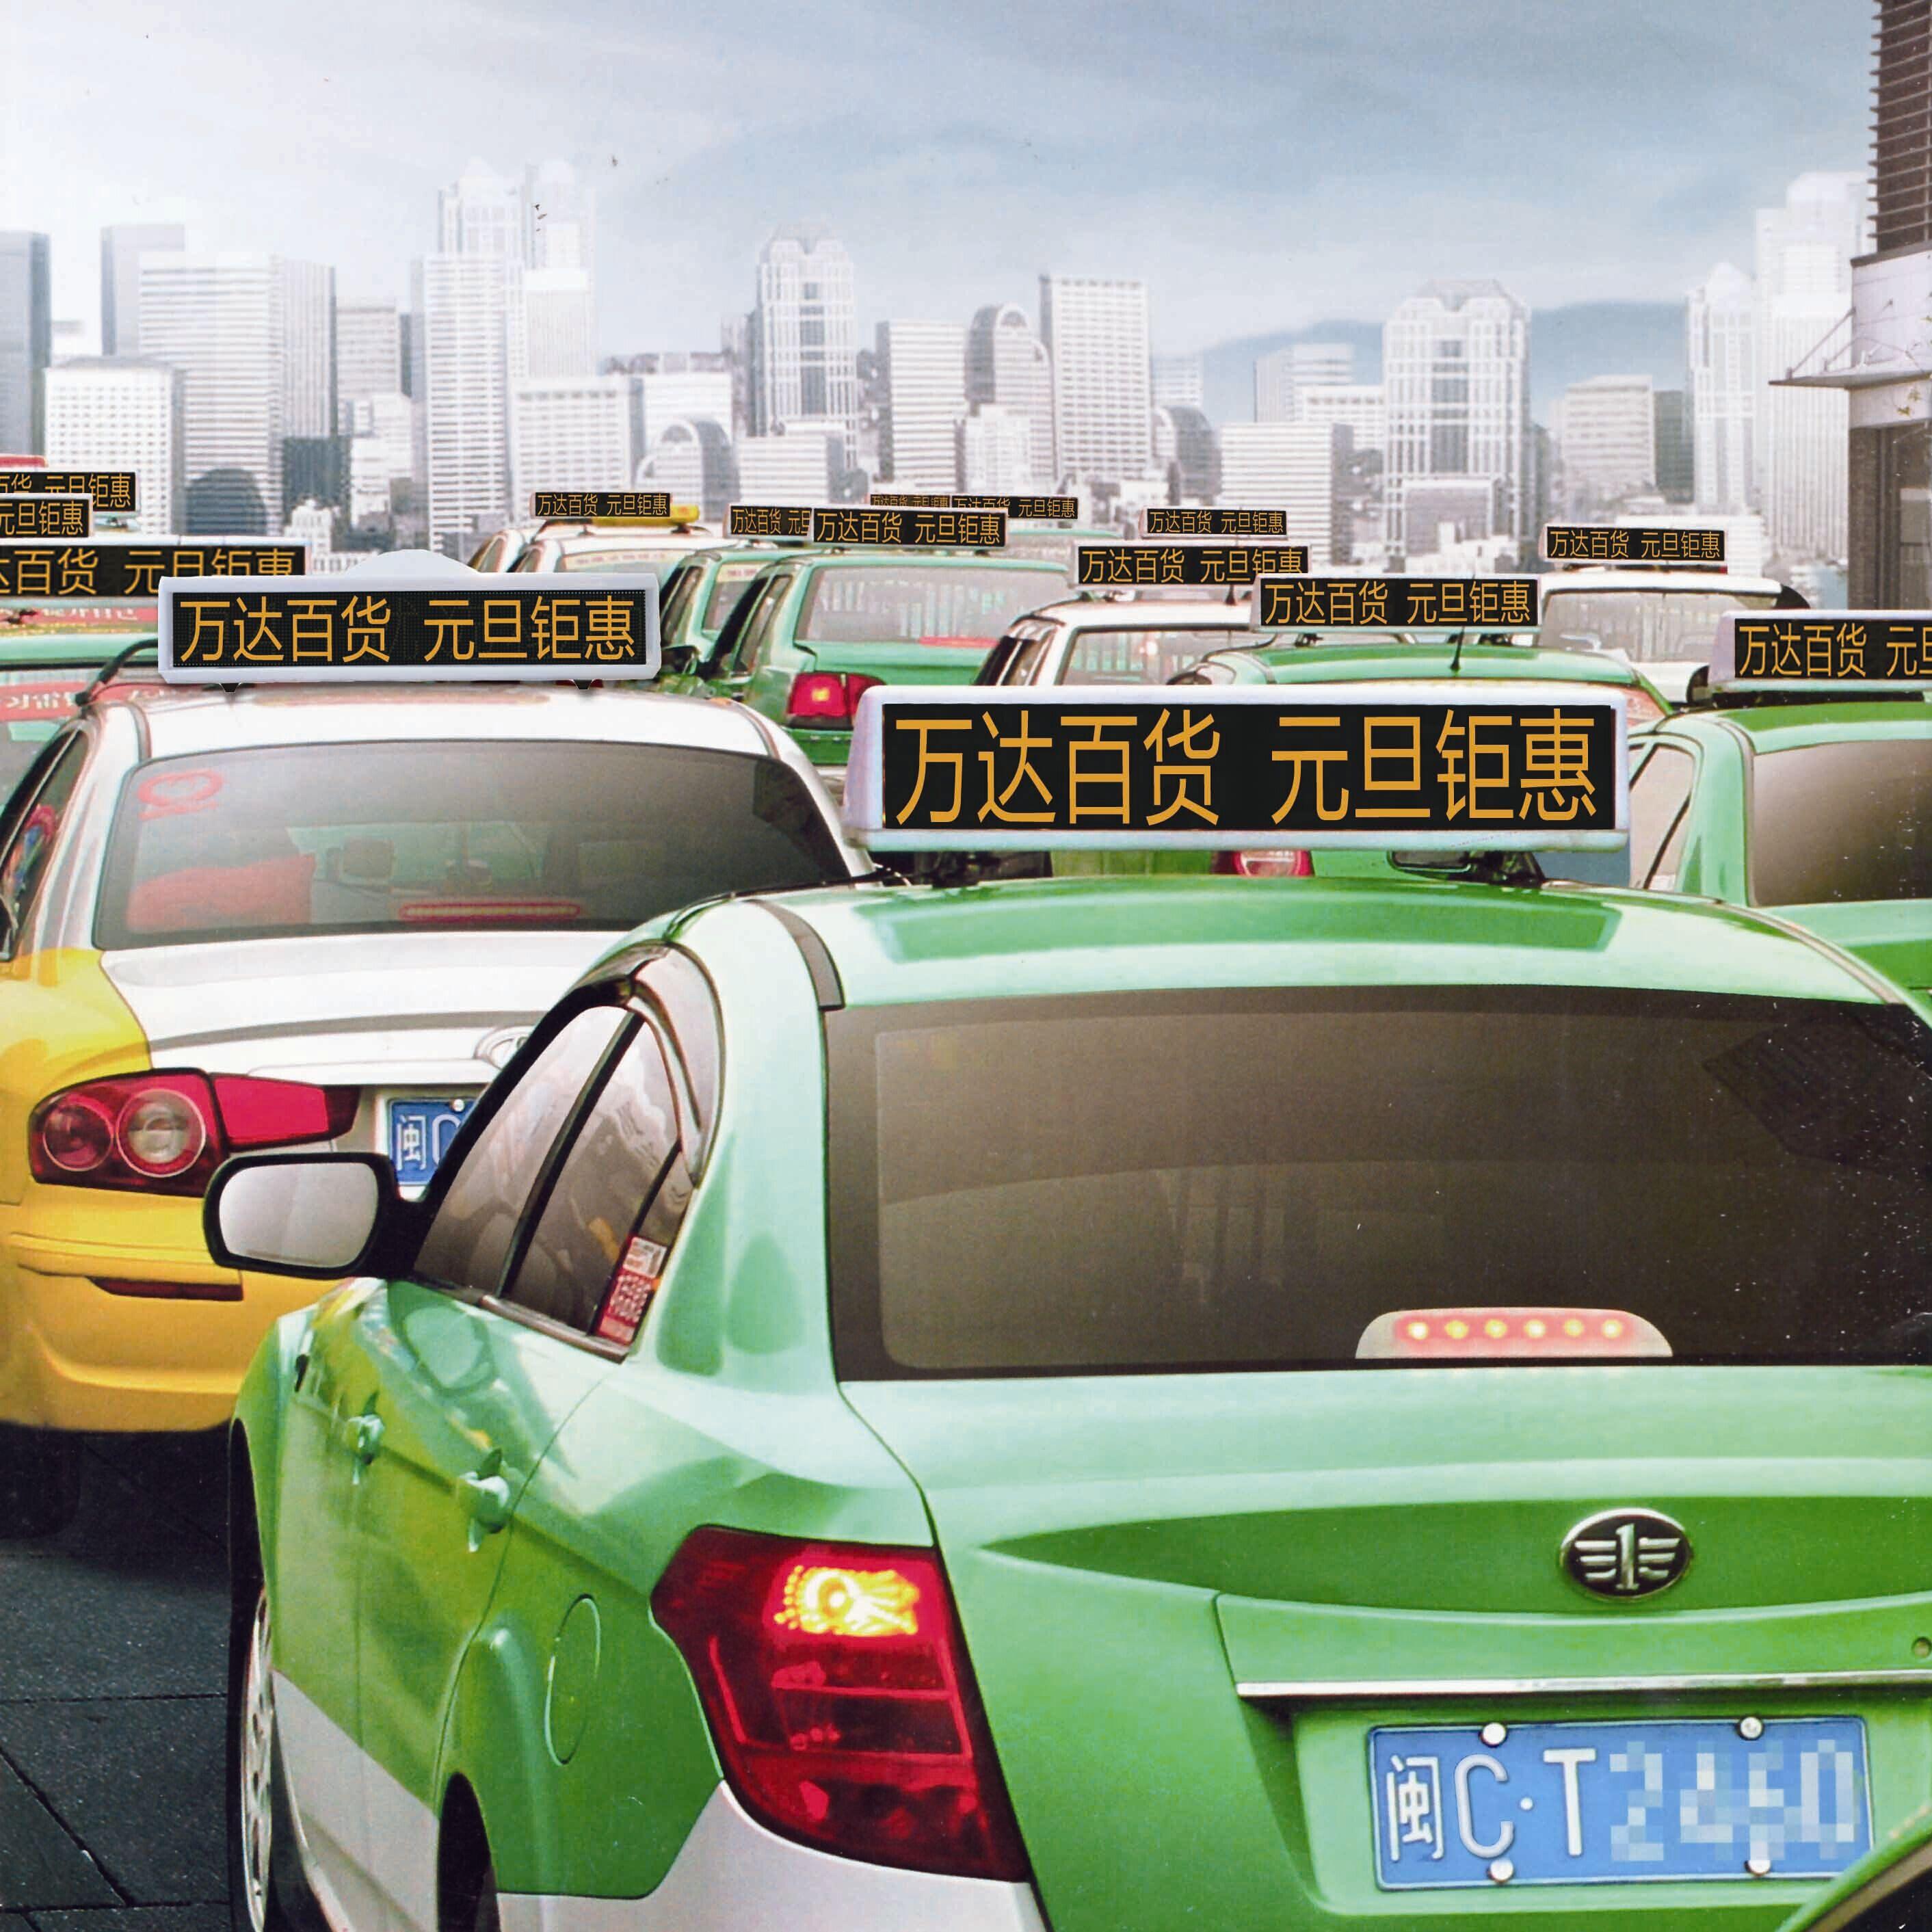 泉州出租车LED广告大泉州户外广告媒体投放